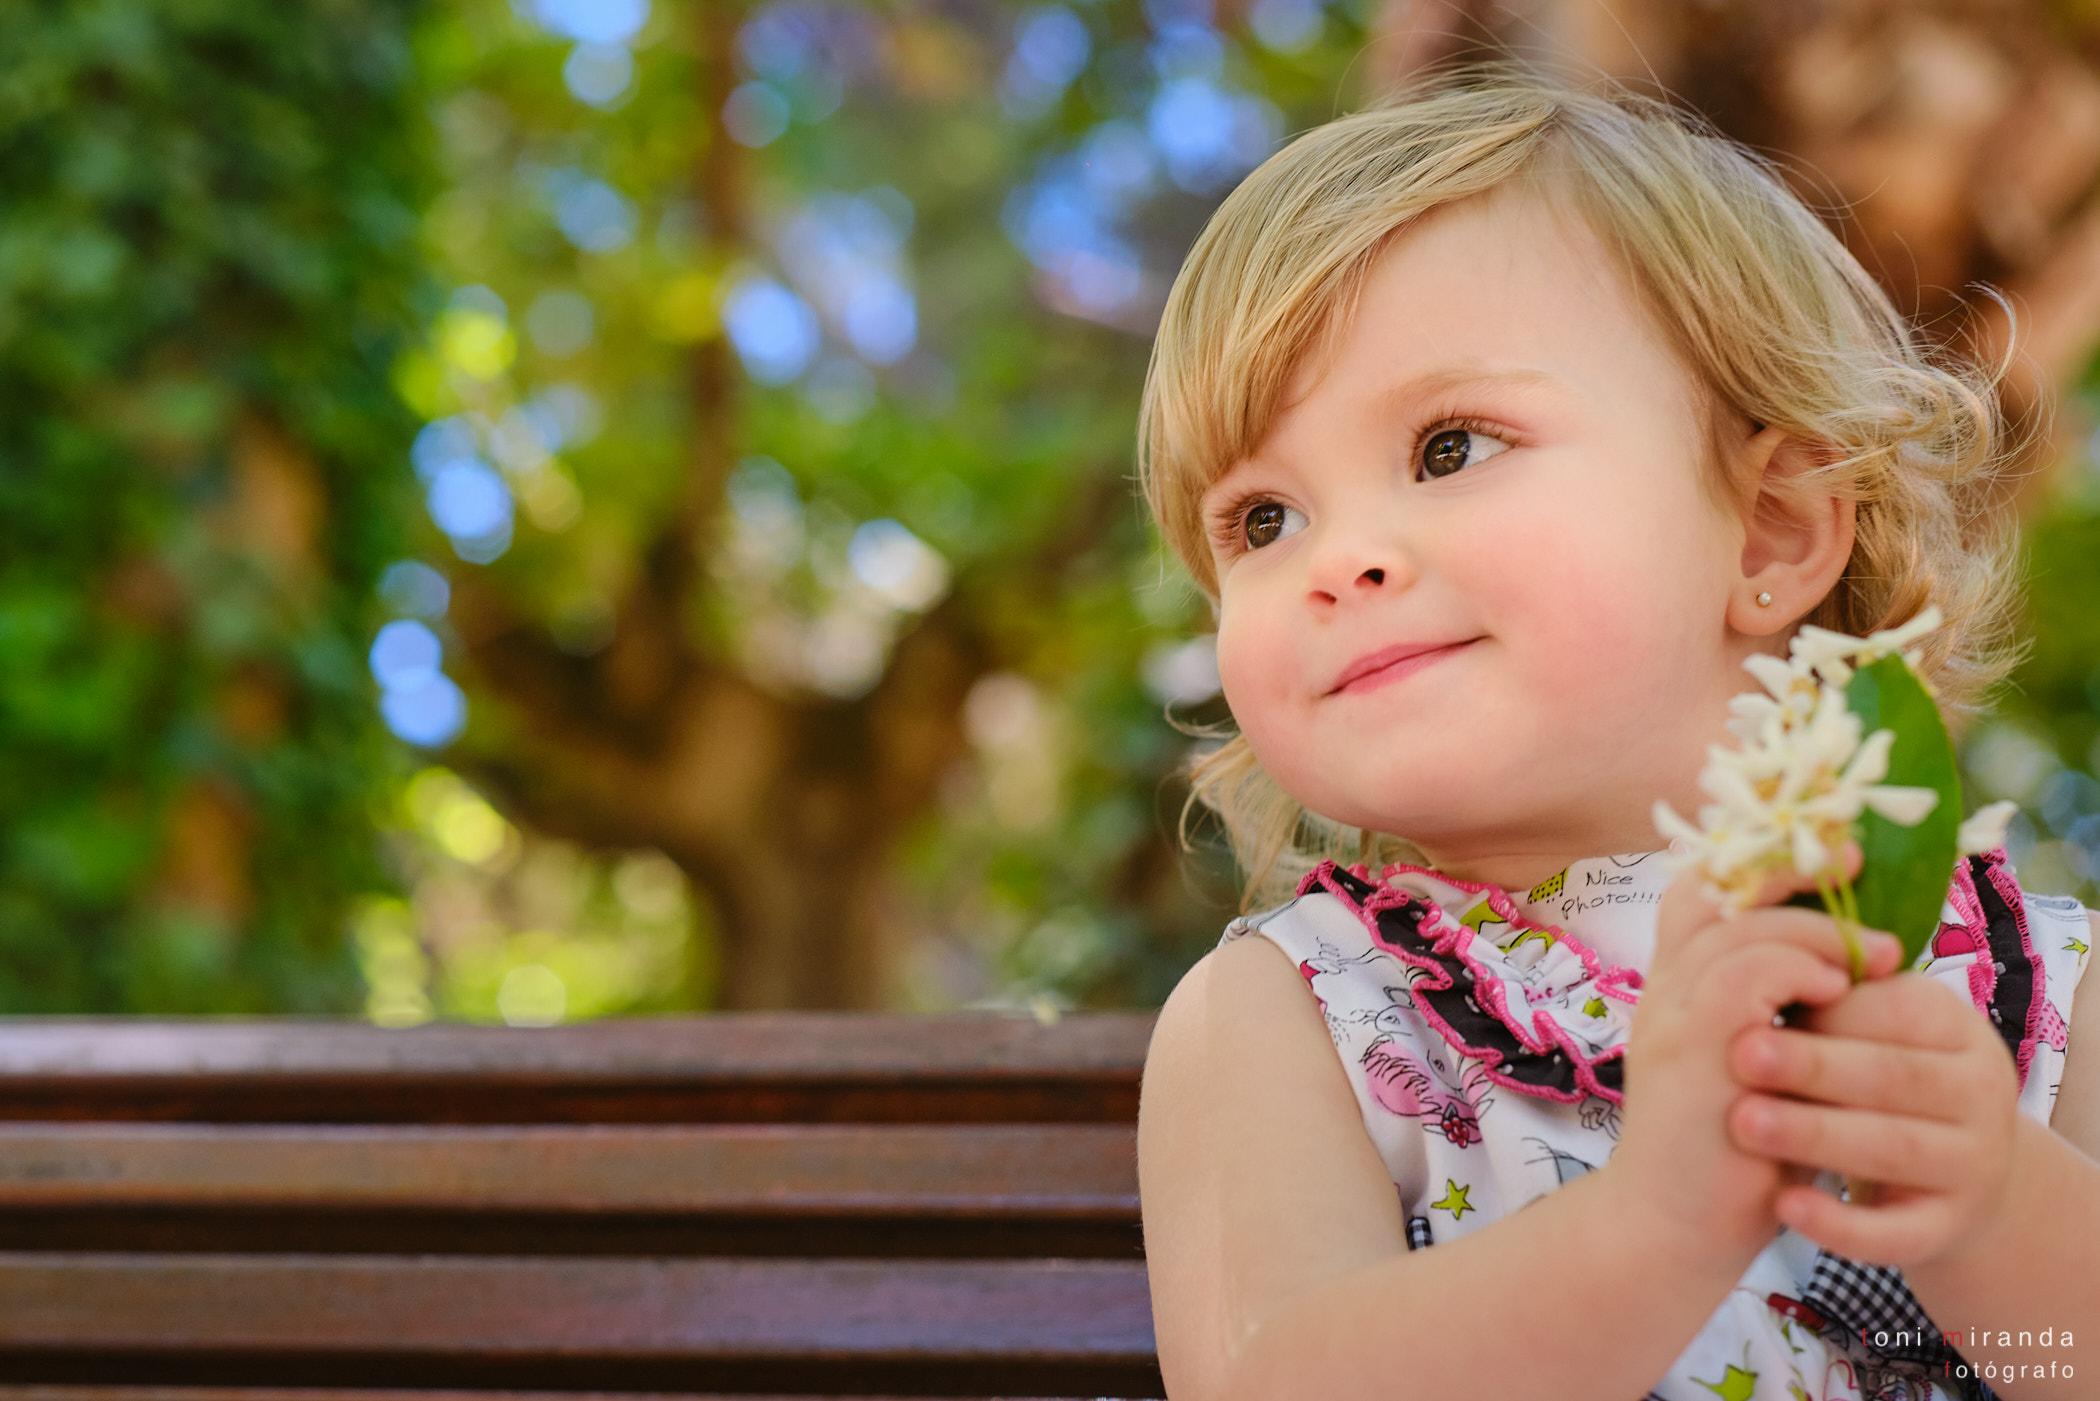 retrato niña en exterior con flores